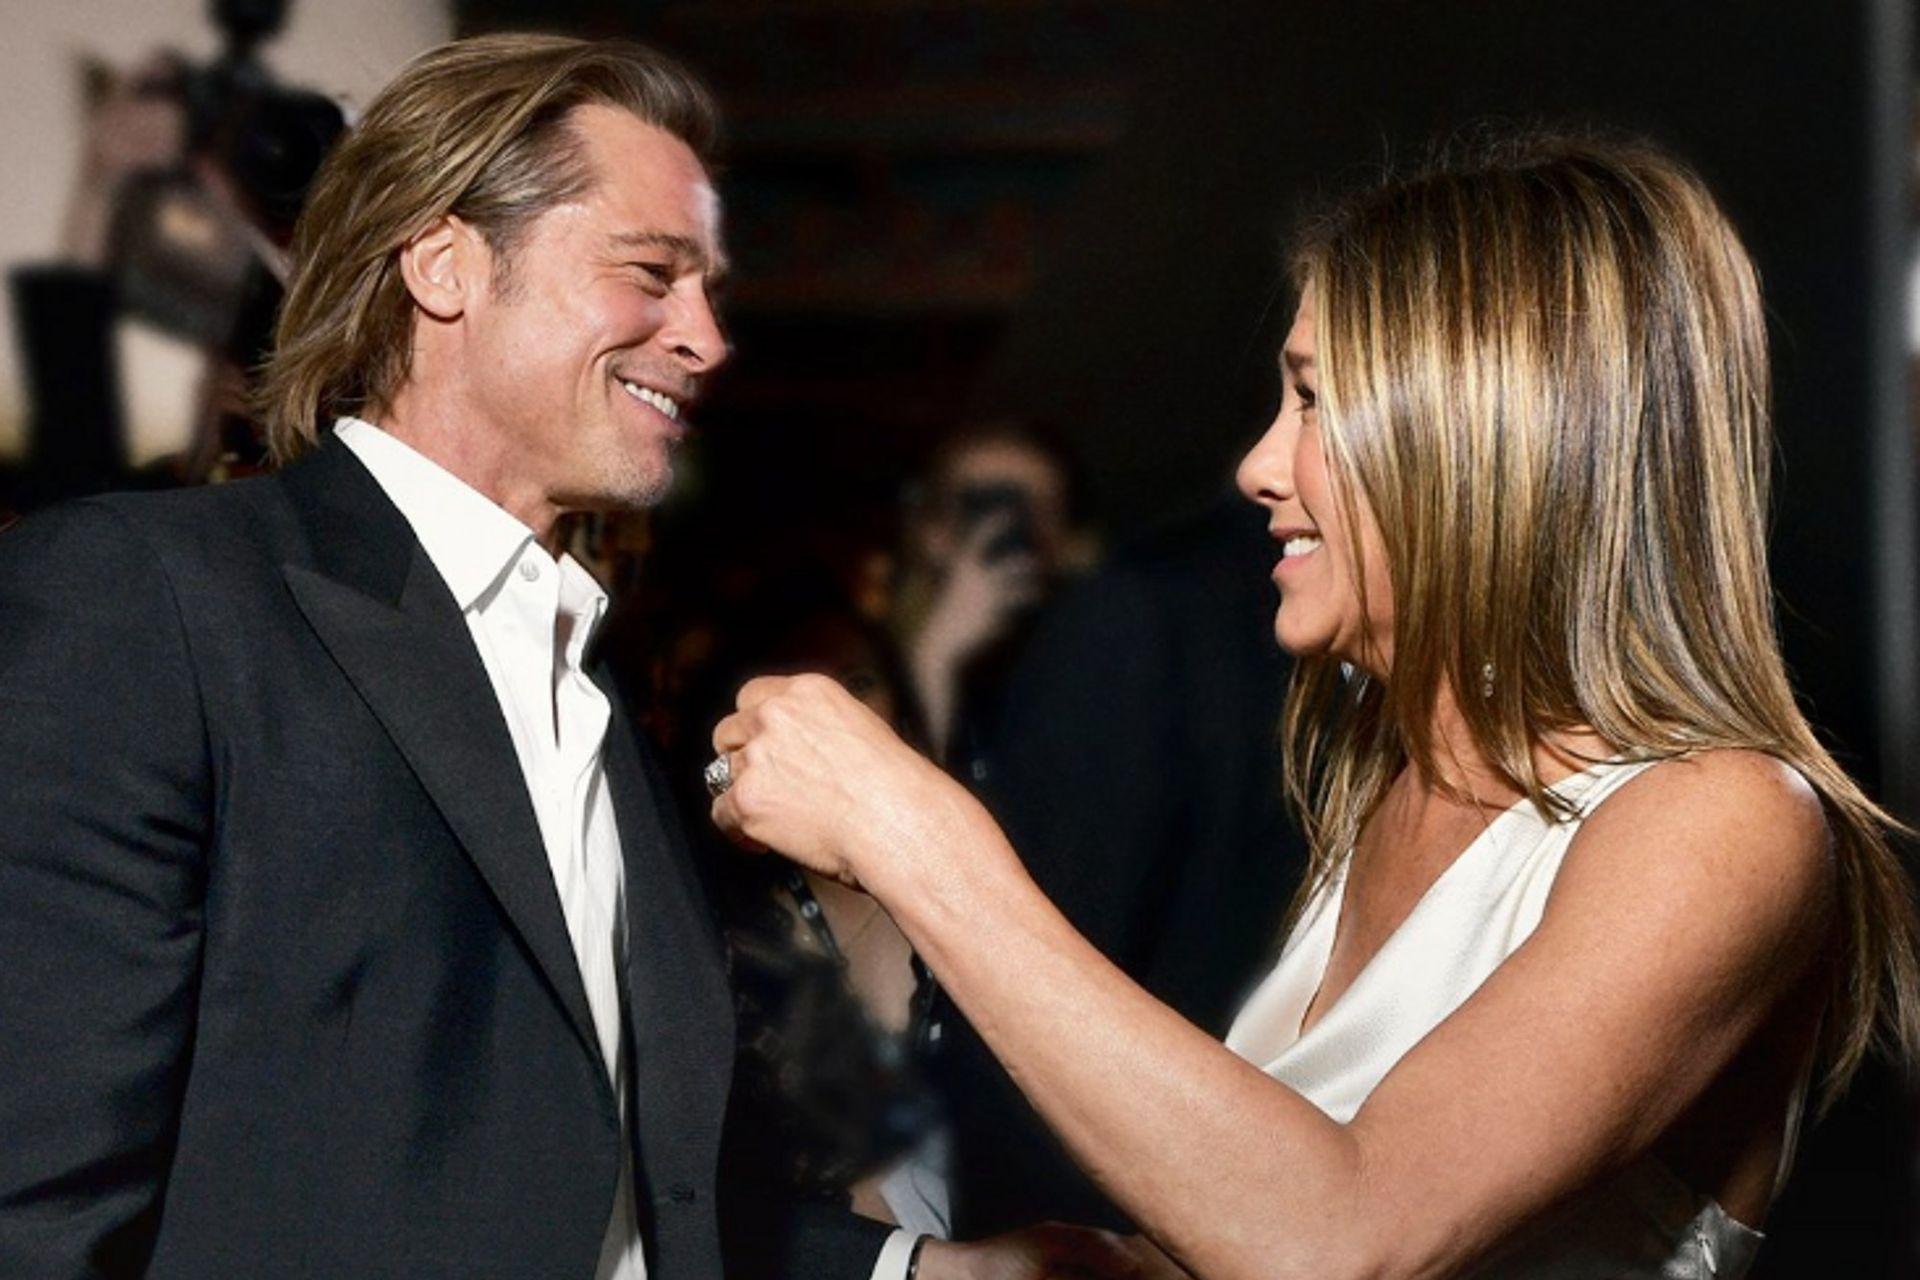 Pese a que muchas veces dieron cuenta de que son buenos amigos, la foto tomada en la última entrega de los SAG Awards revivió los rumores de romance entre Aniston y Pitt